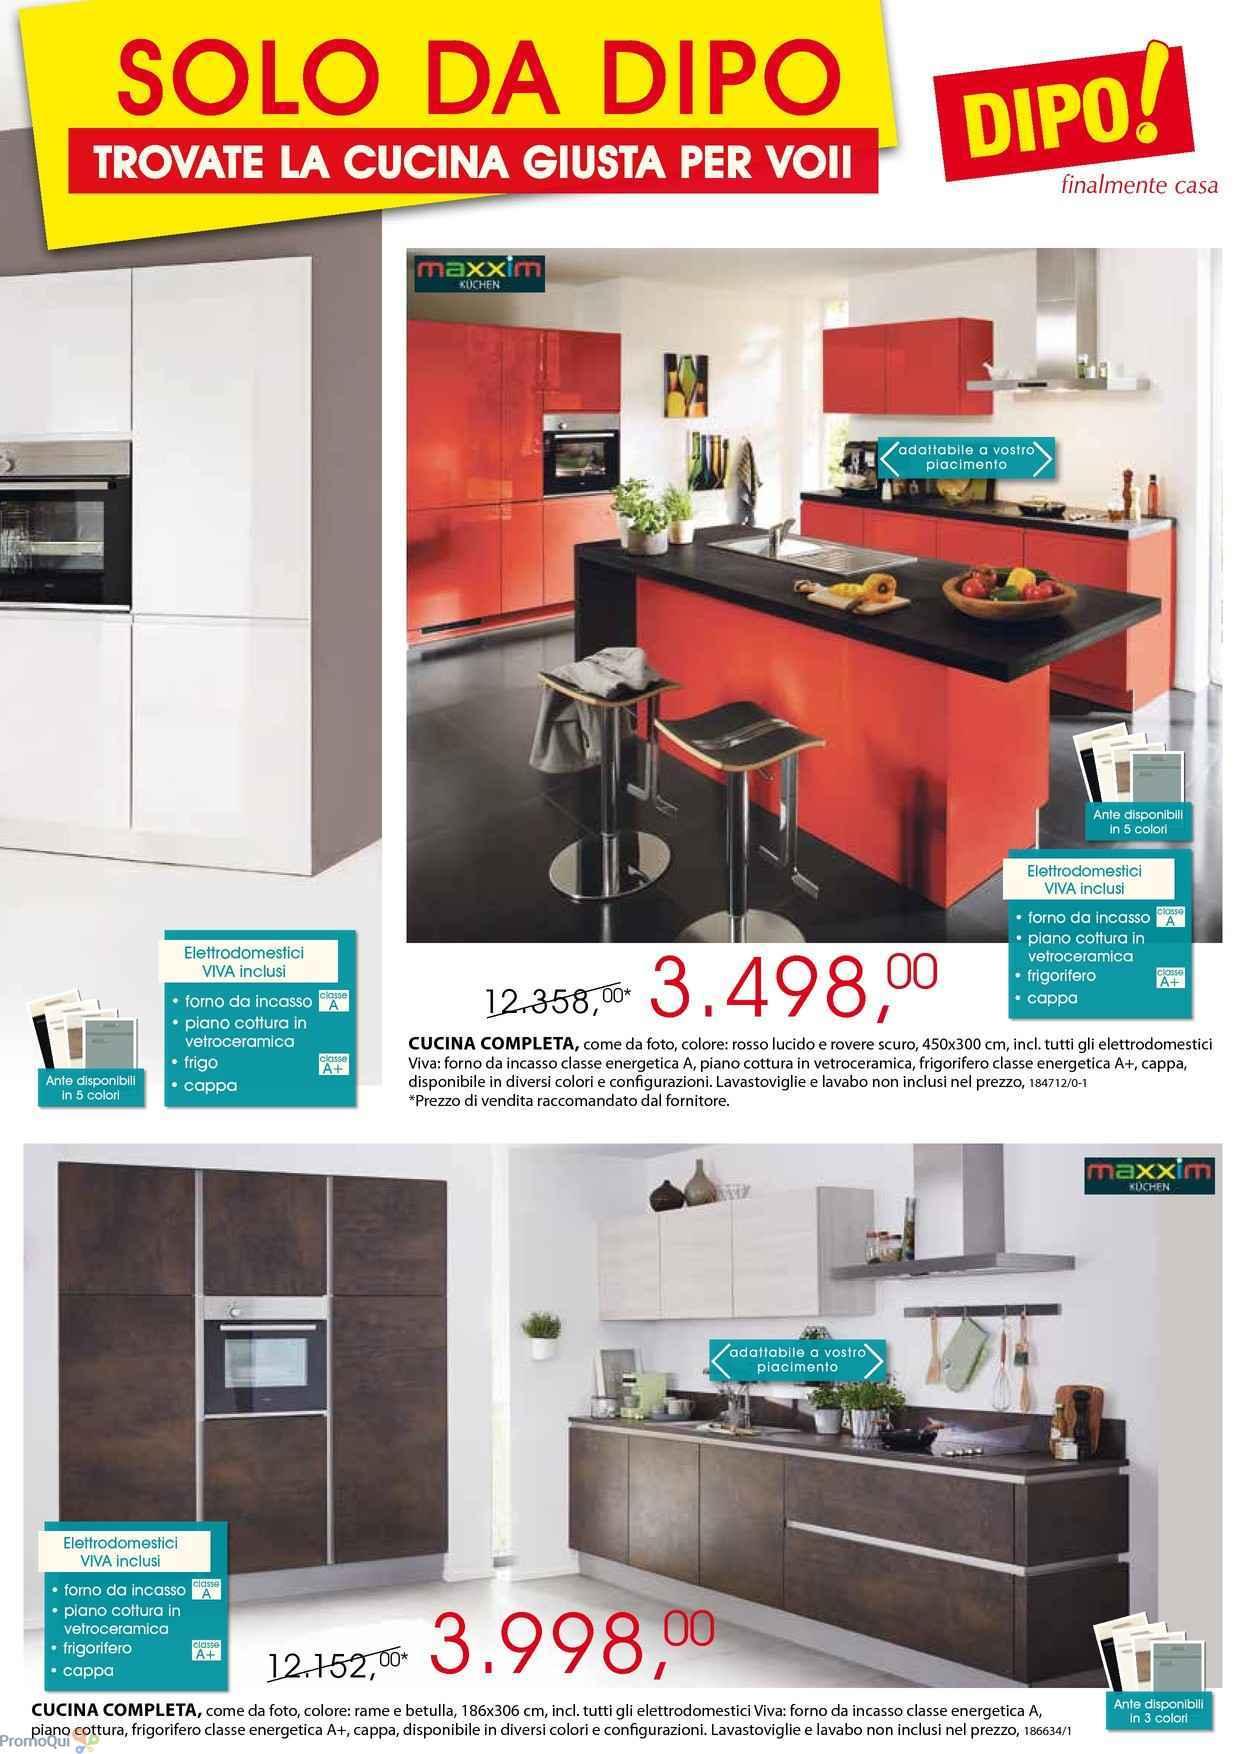 Volantino Dipo - Siamo i N°1 delle cucine con i migliori prezzi ...